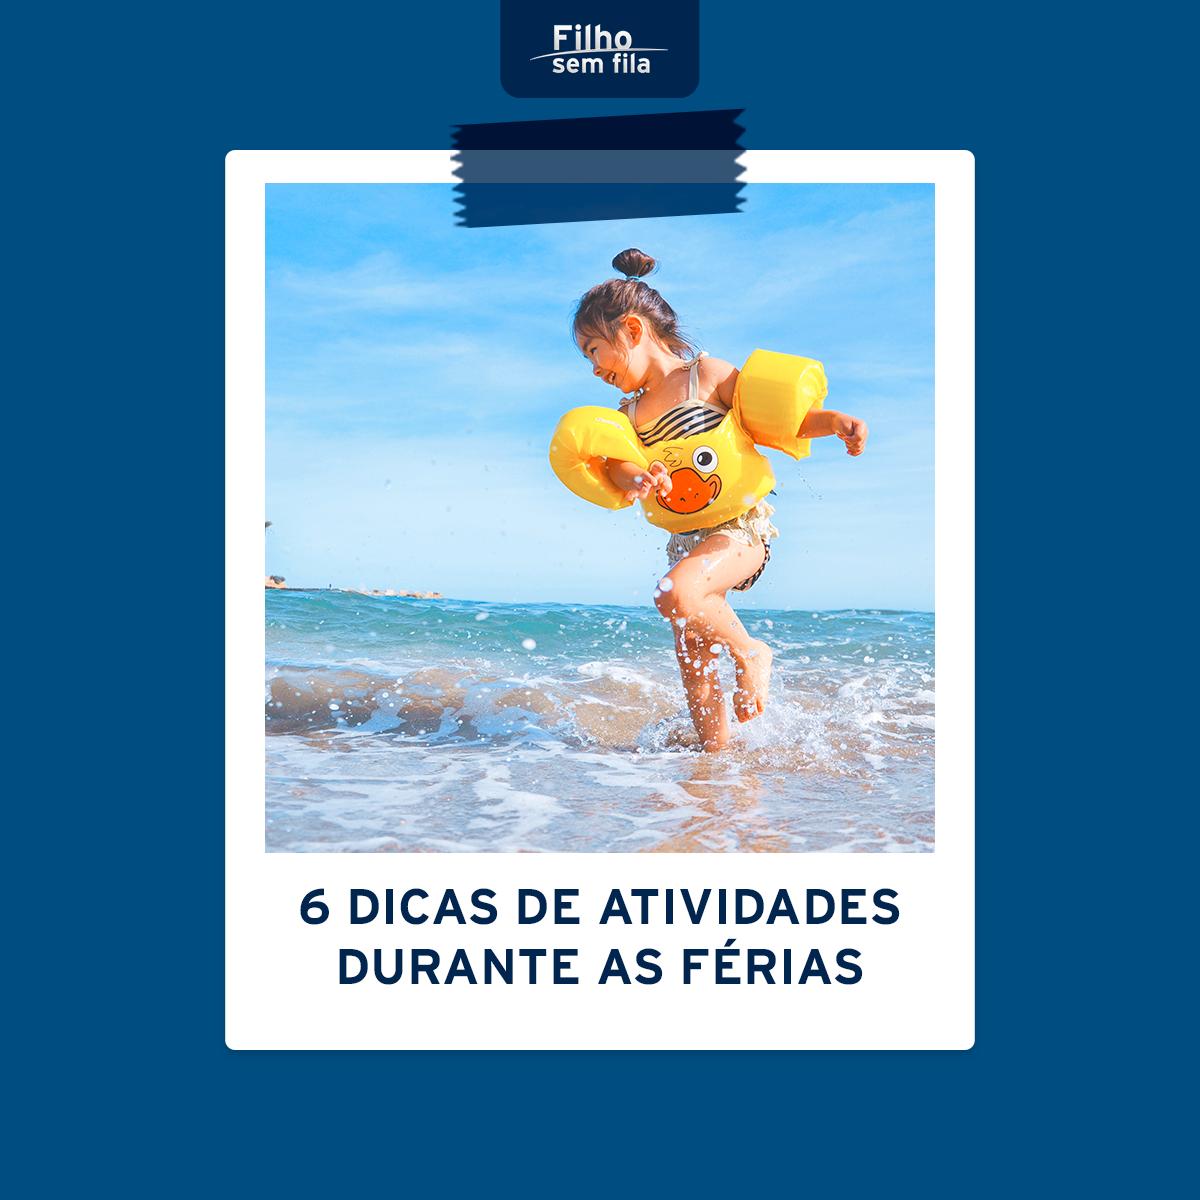 6 dicas de atividades durante as férias